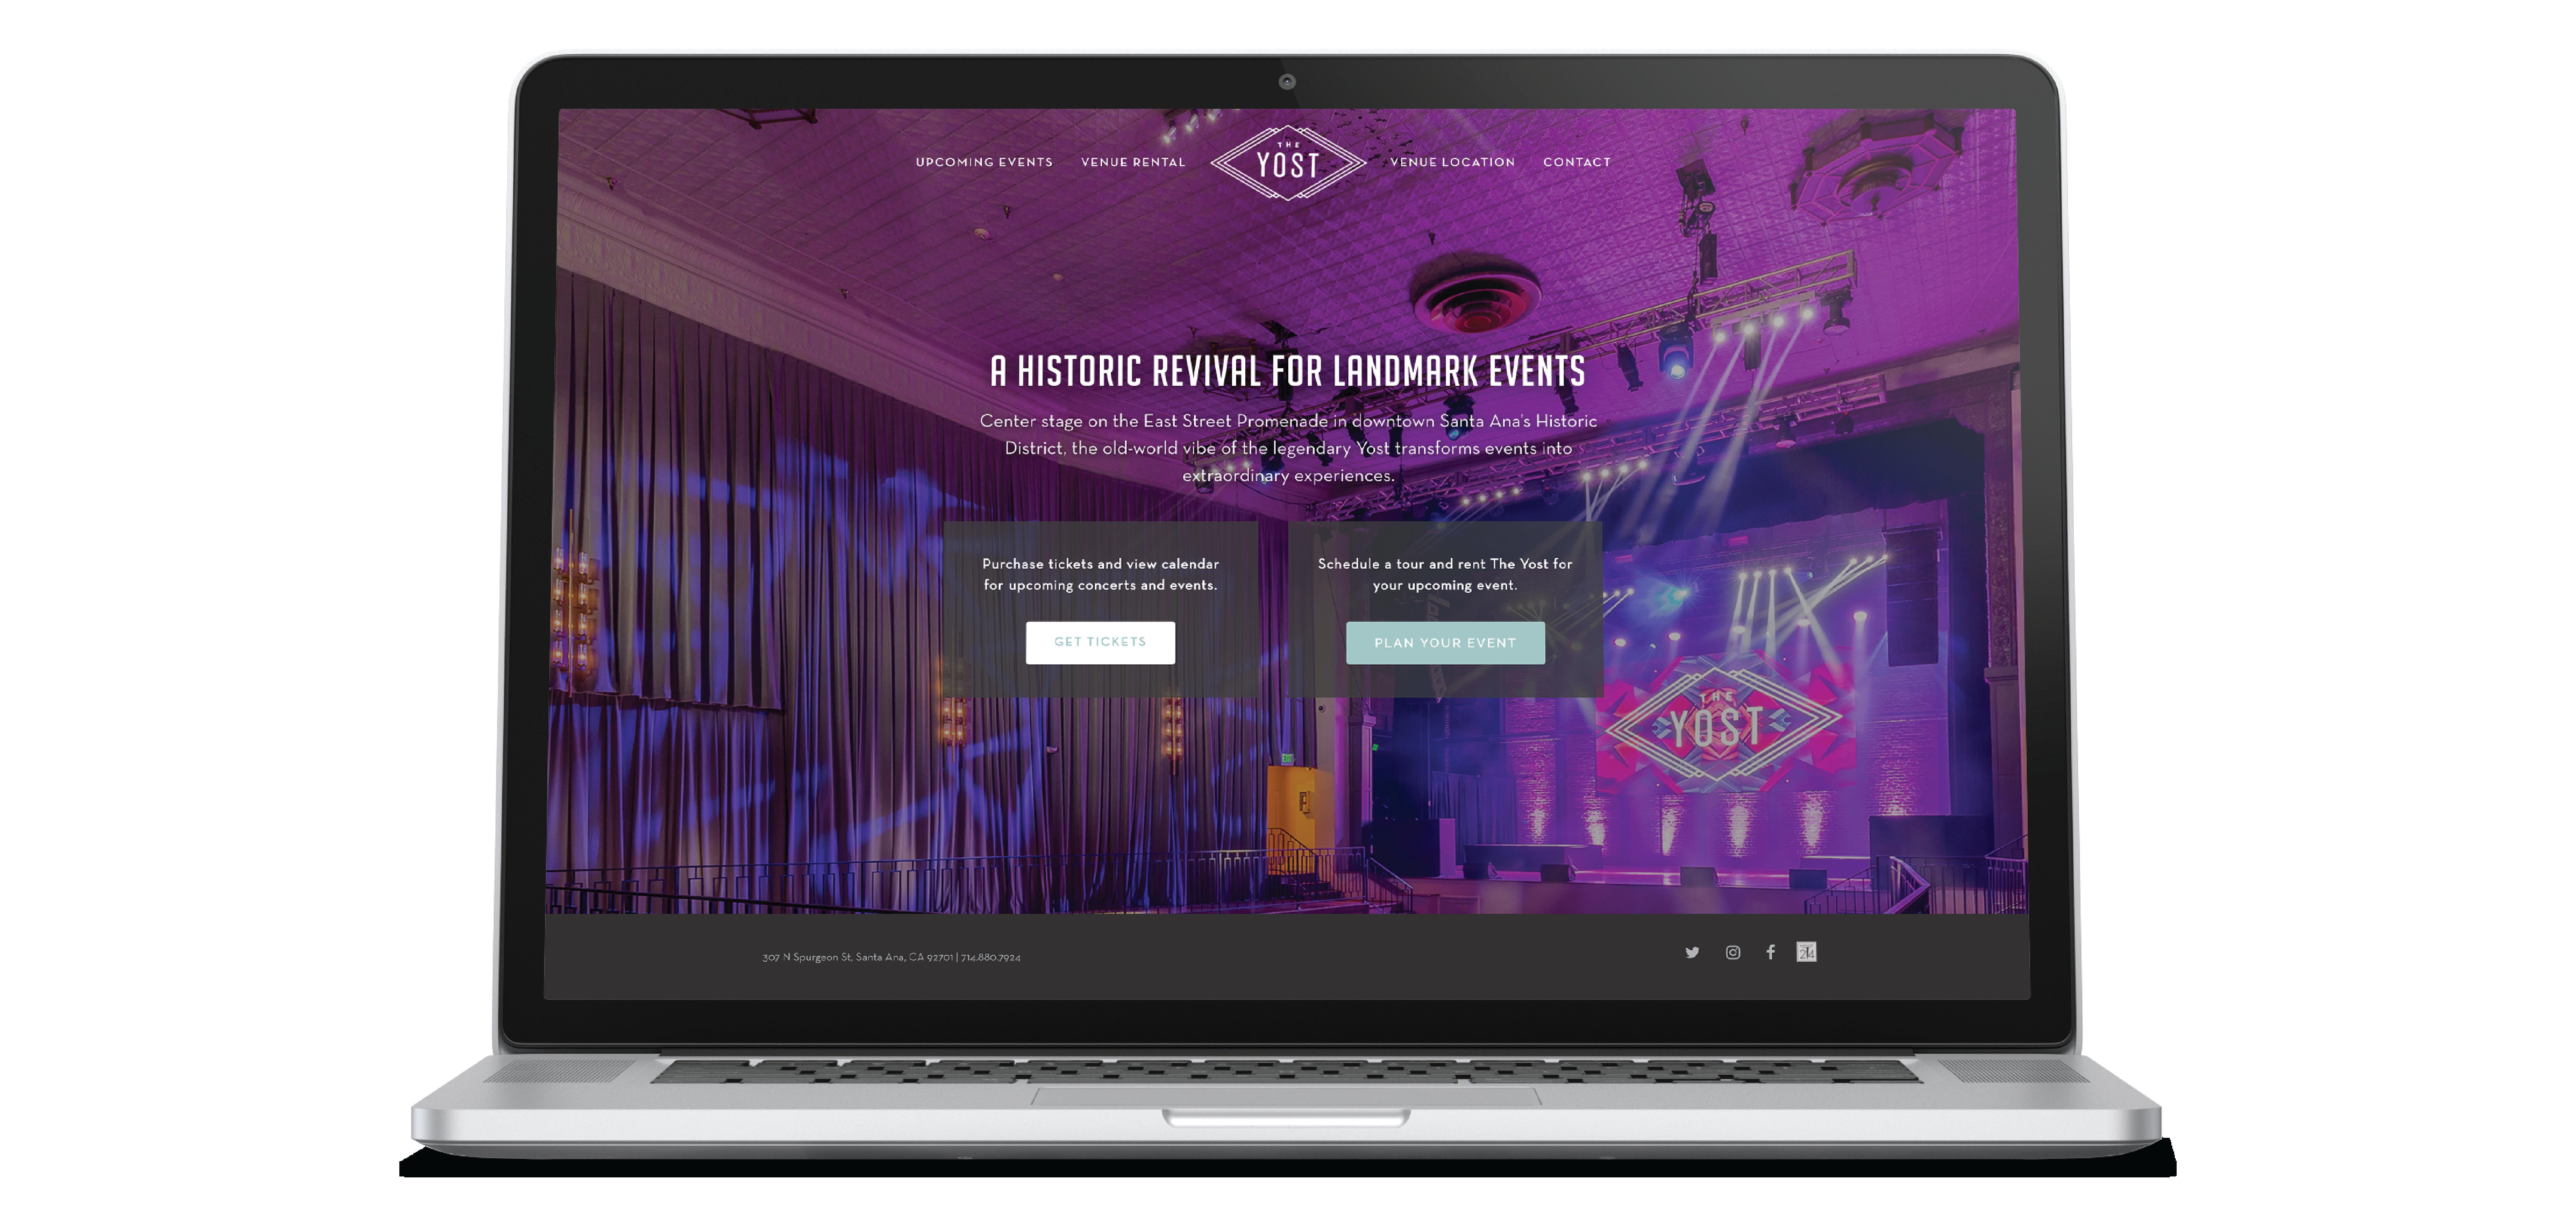 The Yost venue website design